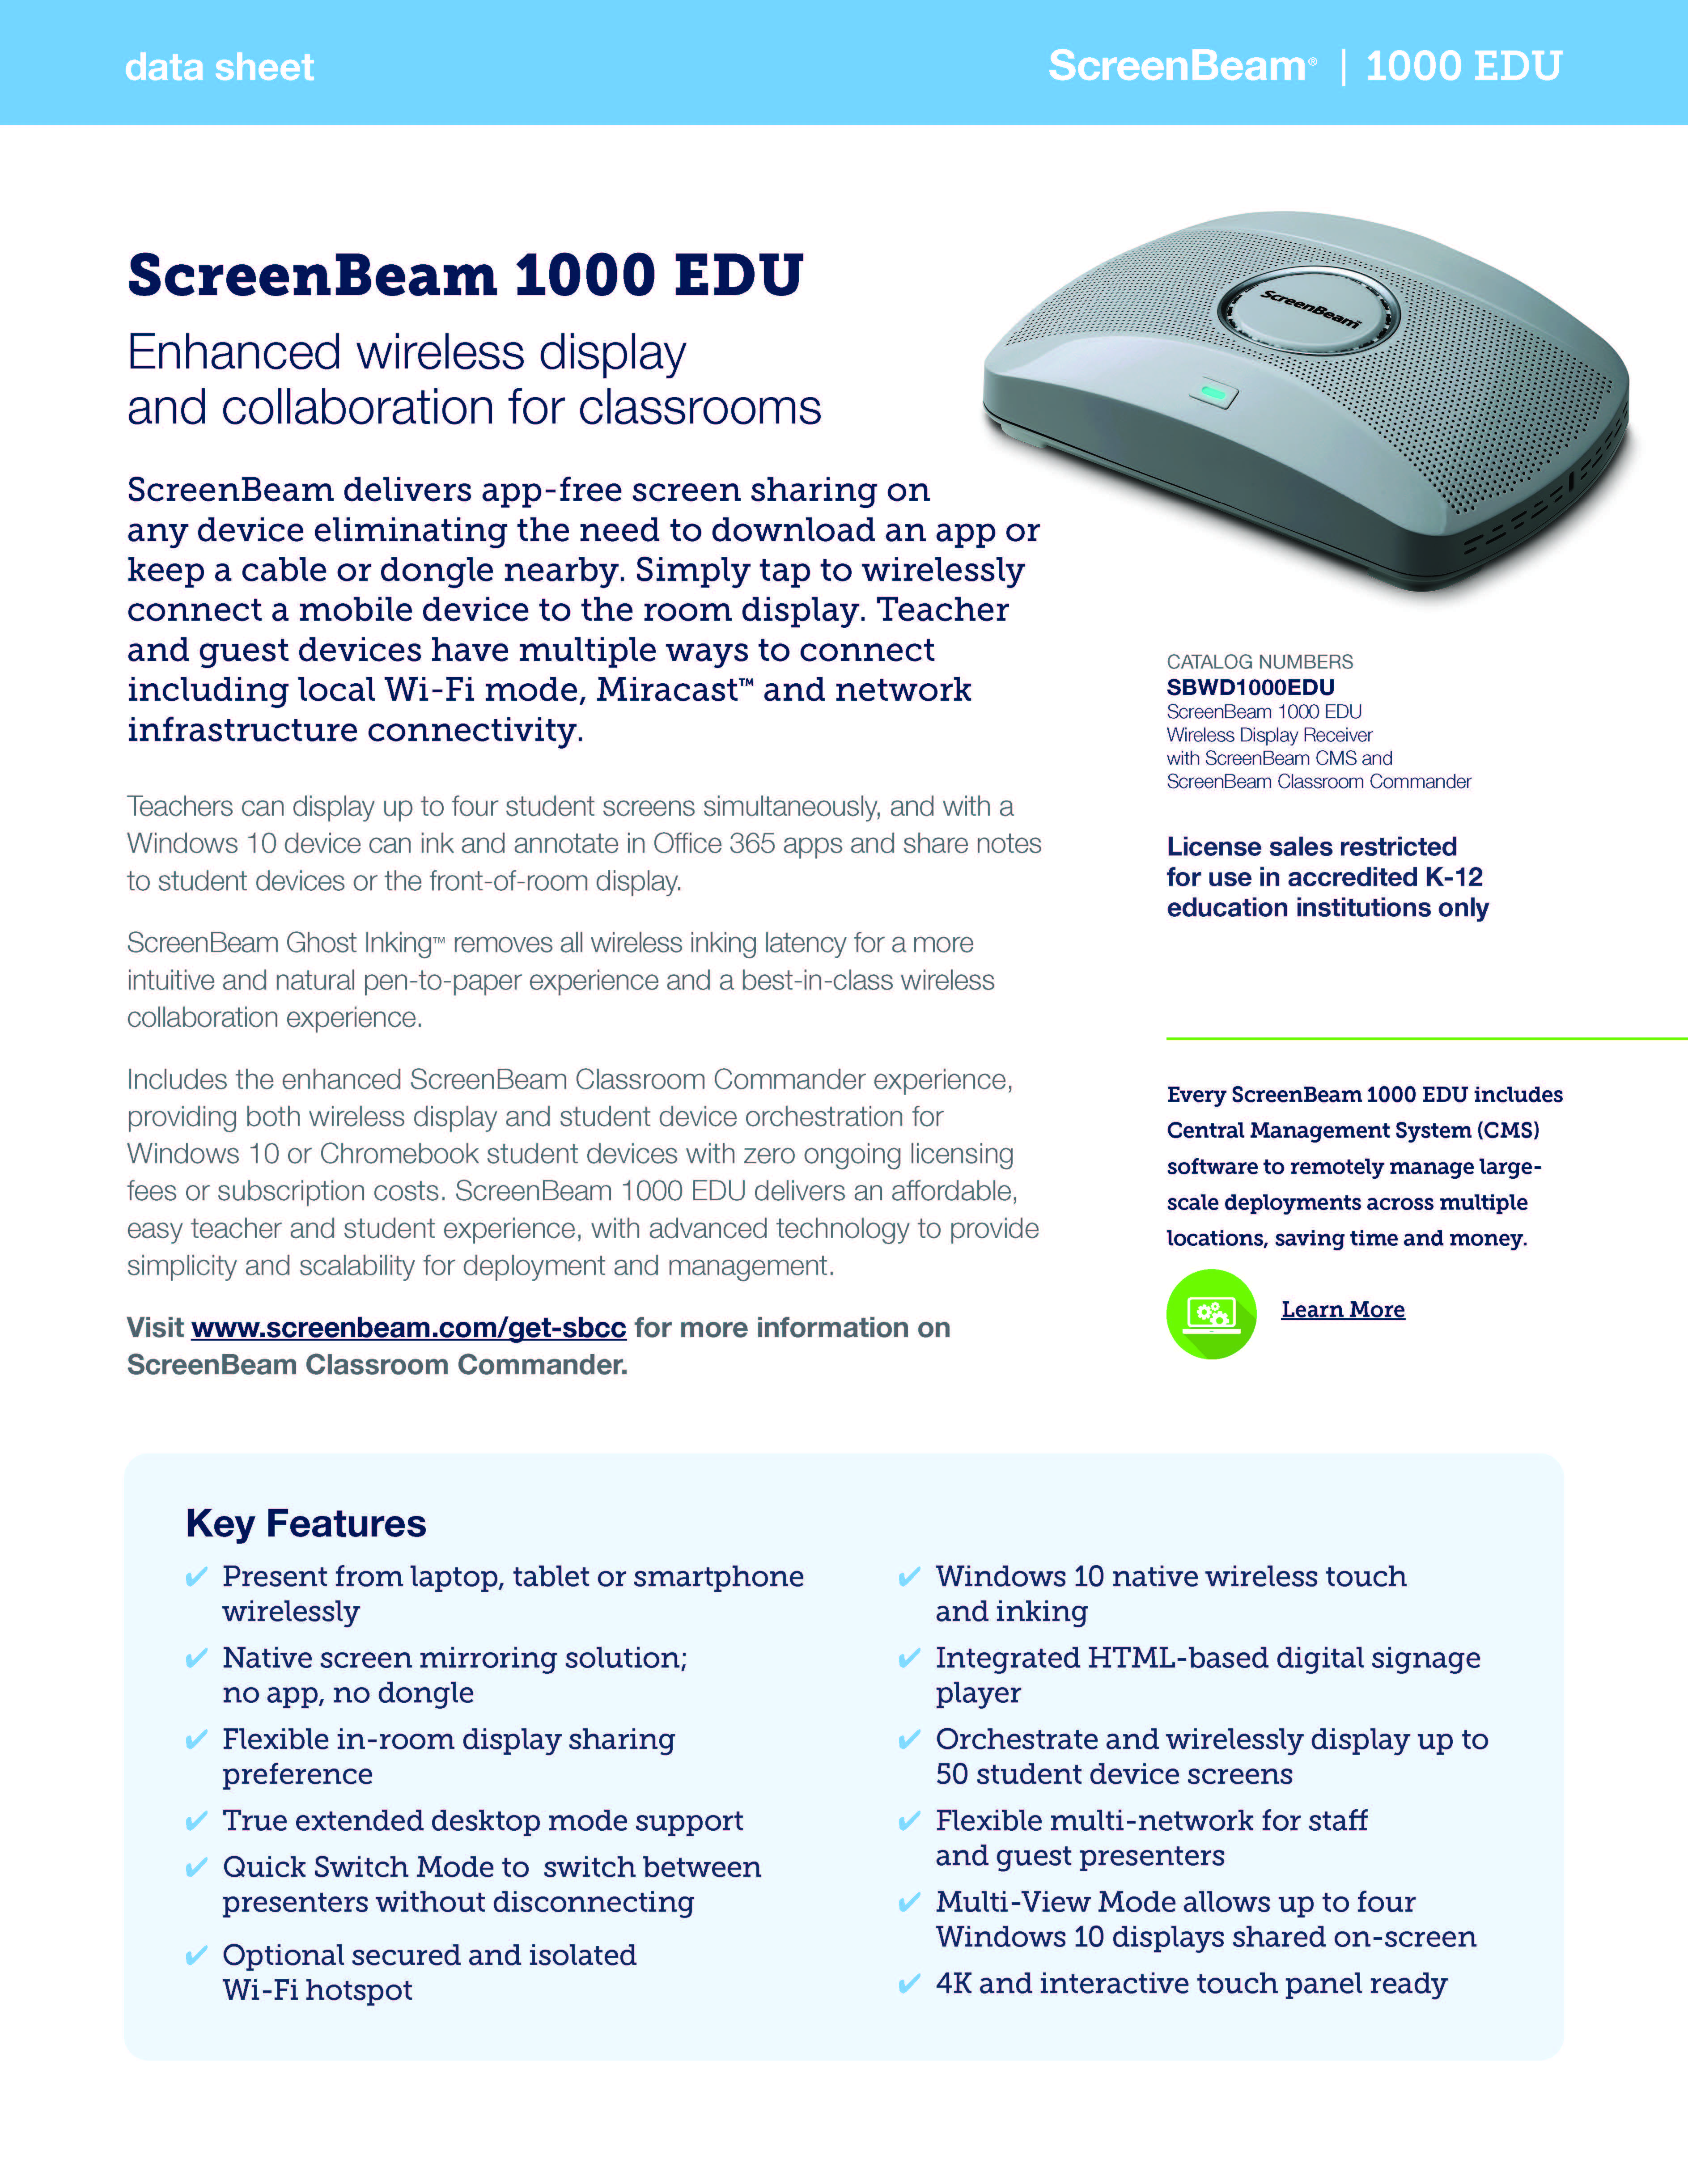 ScreenBeam 1000 EDU